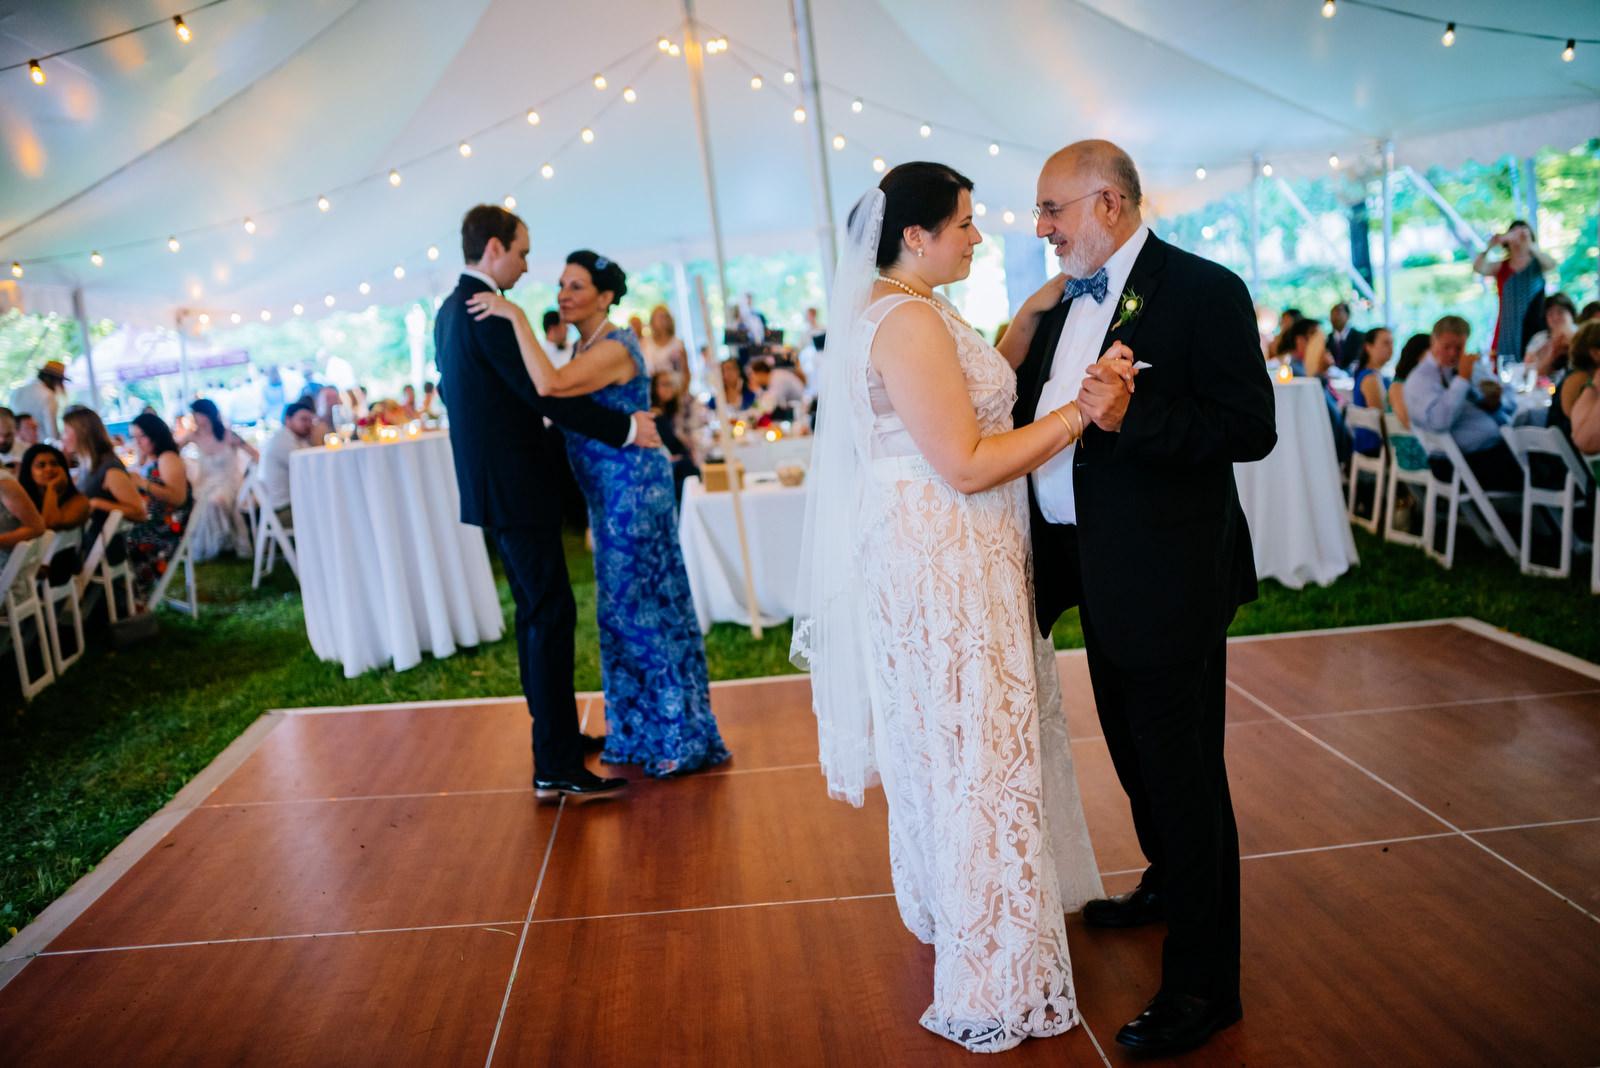 parent dances lexington wedding